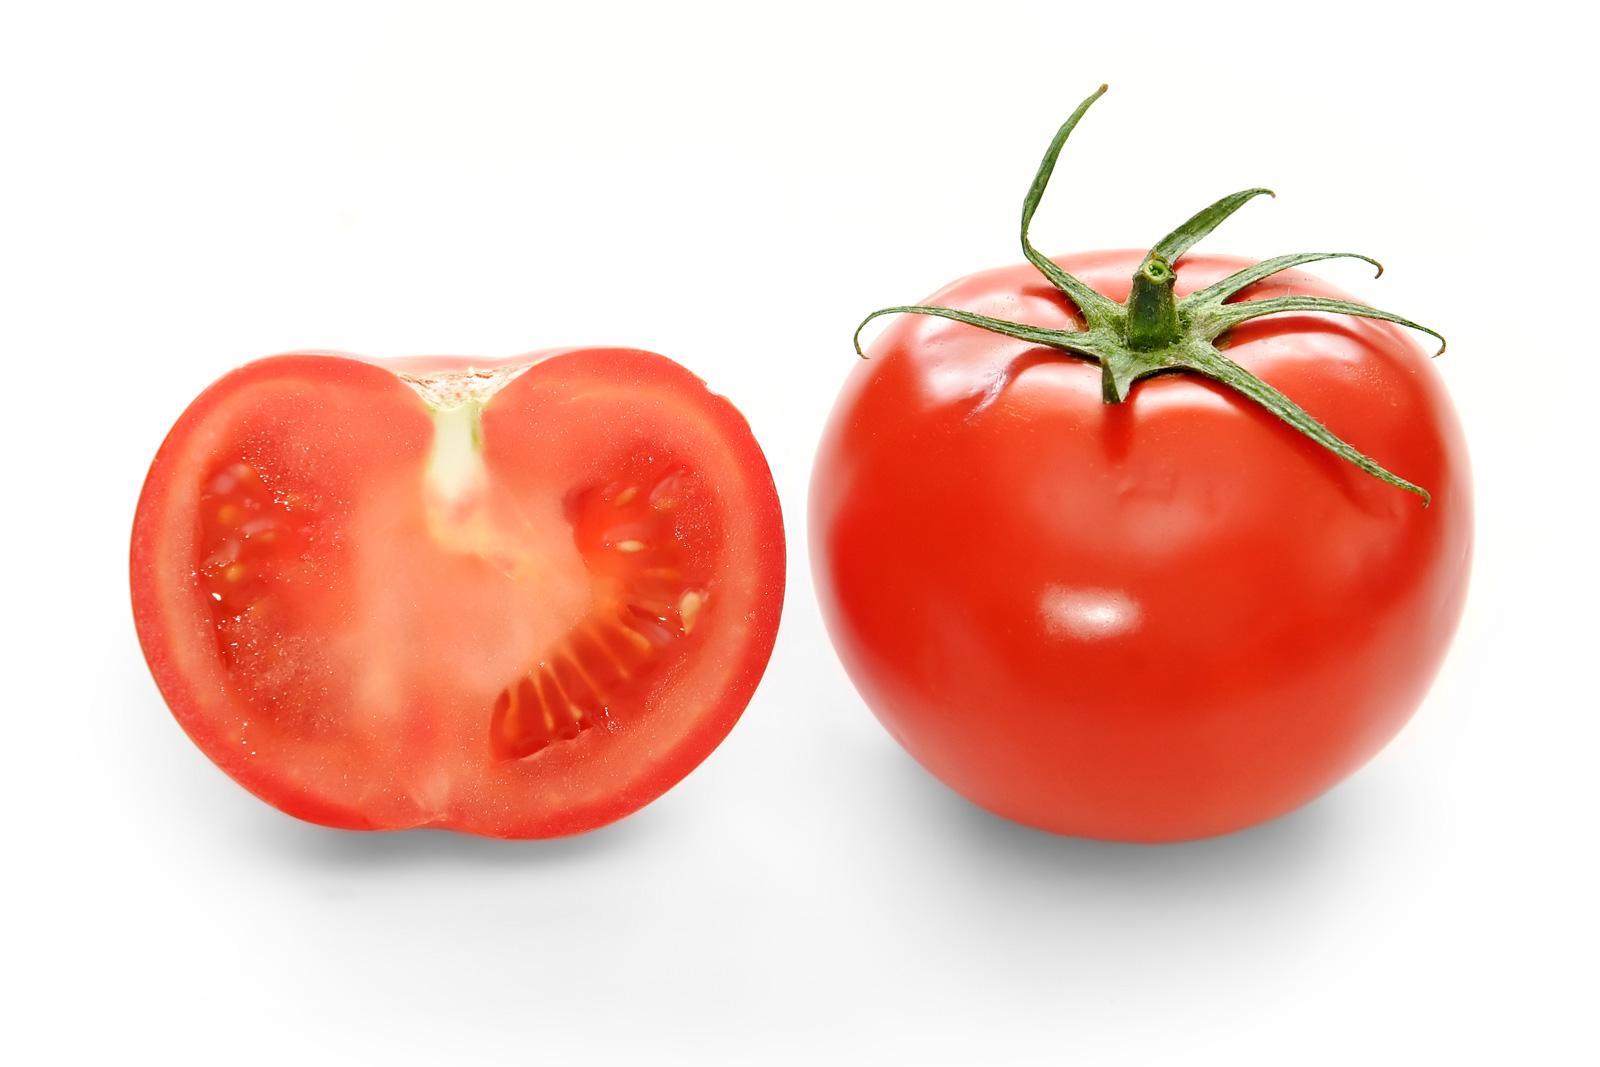 صور فوائد الطماطم , تعرفي علي اهم فوائد ثمرة الطماطم